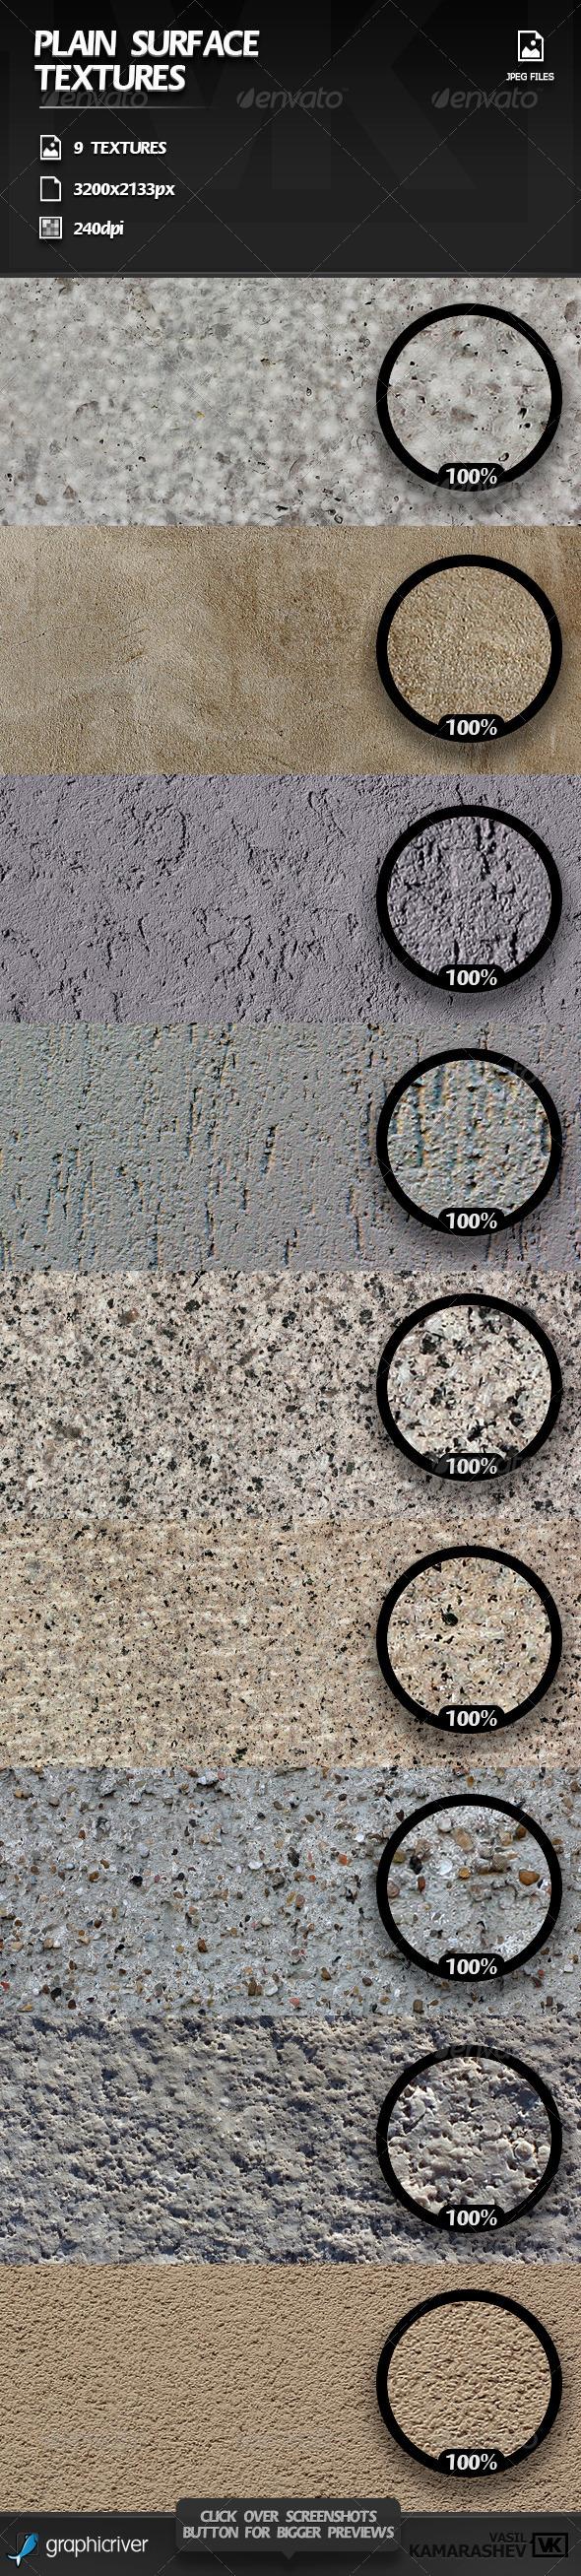 Plain Surface Textures - Concrete Textures